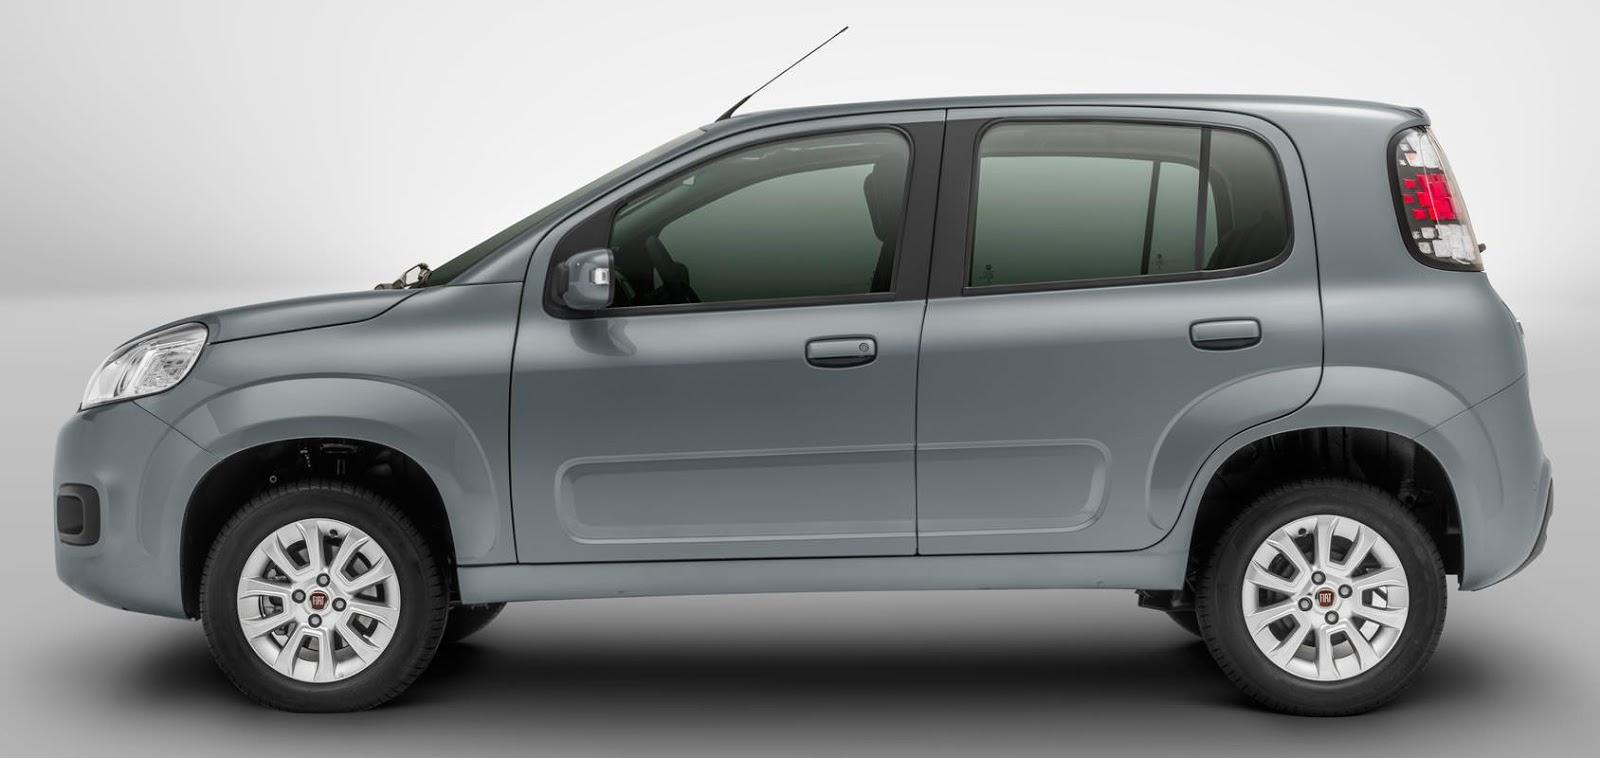 Novo Fiat Uno 2016 Pre U00e7o E Ficha T U00e9cnica